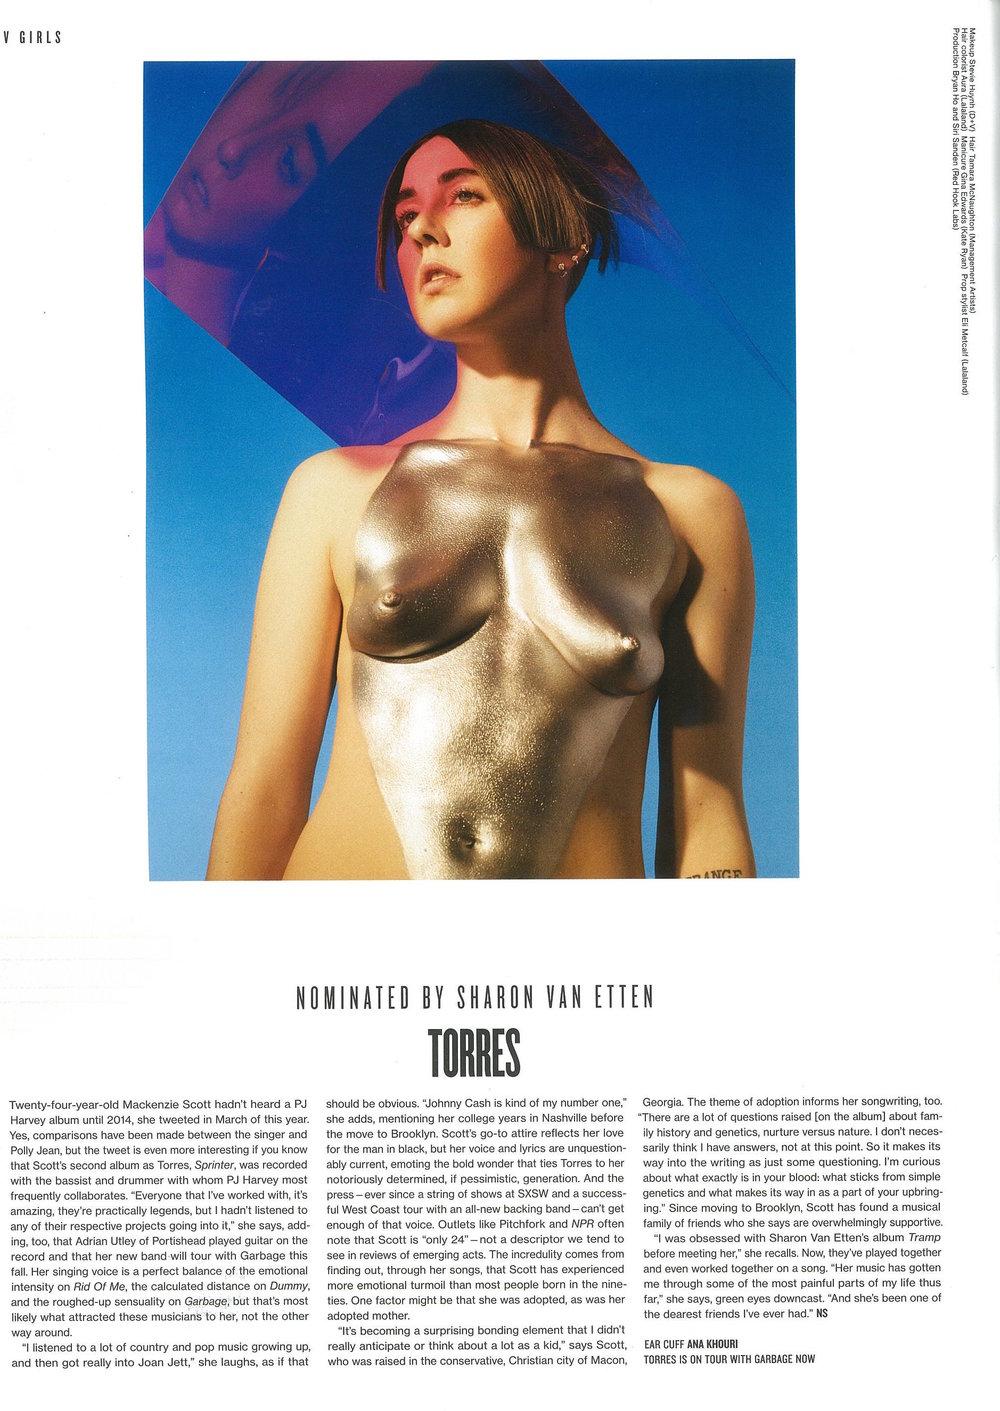 V Magazine 1